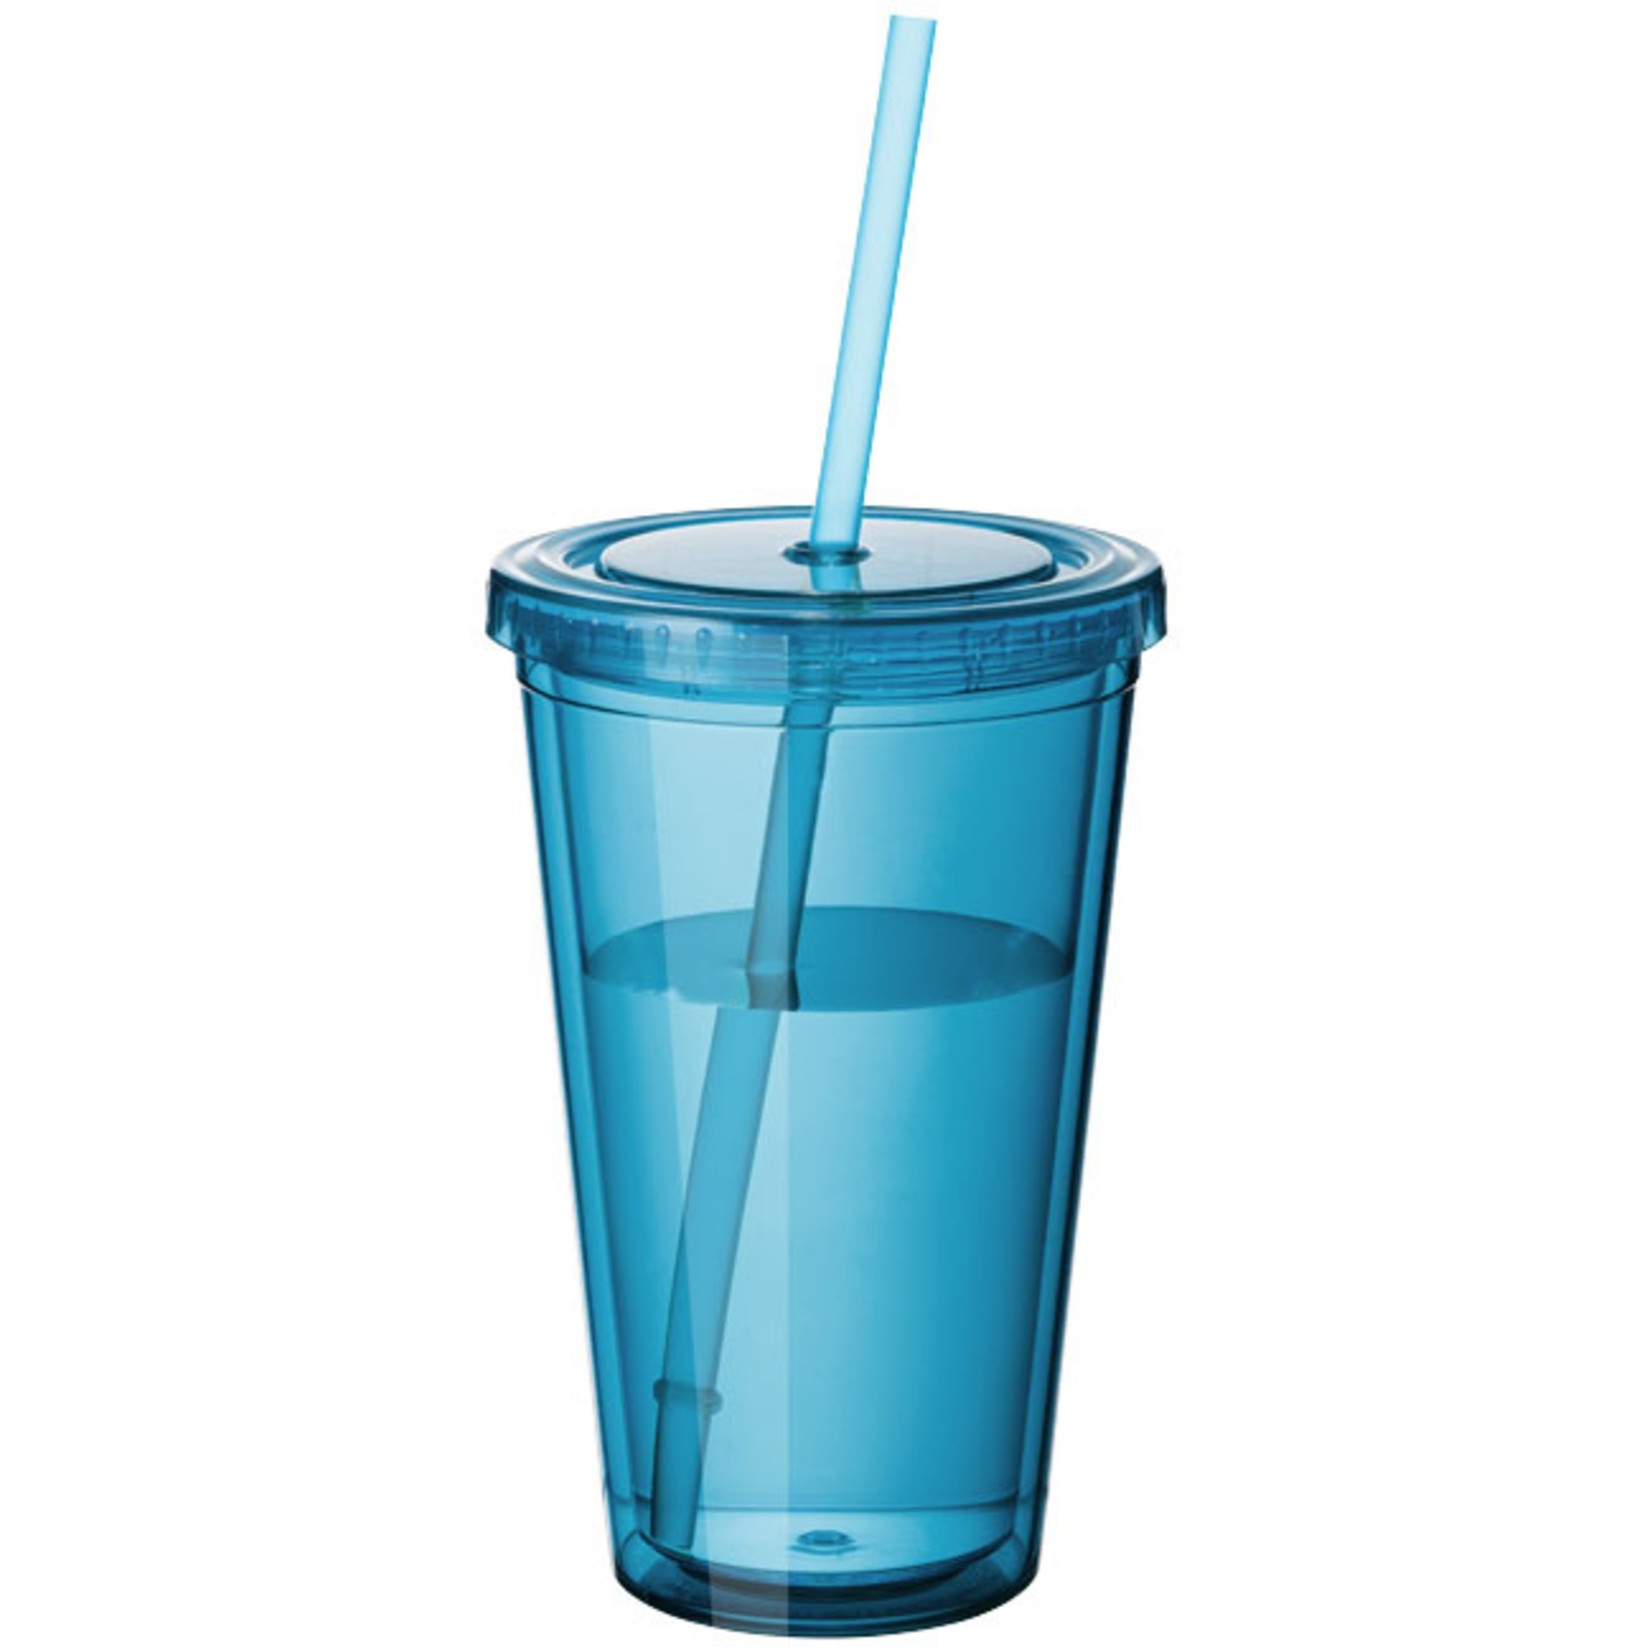 Dubbelwandige drinkbeker met naam